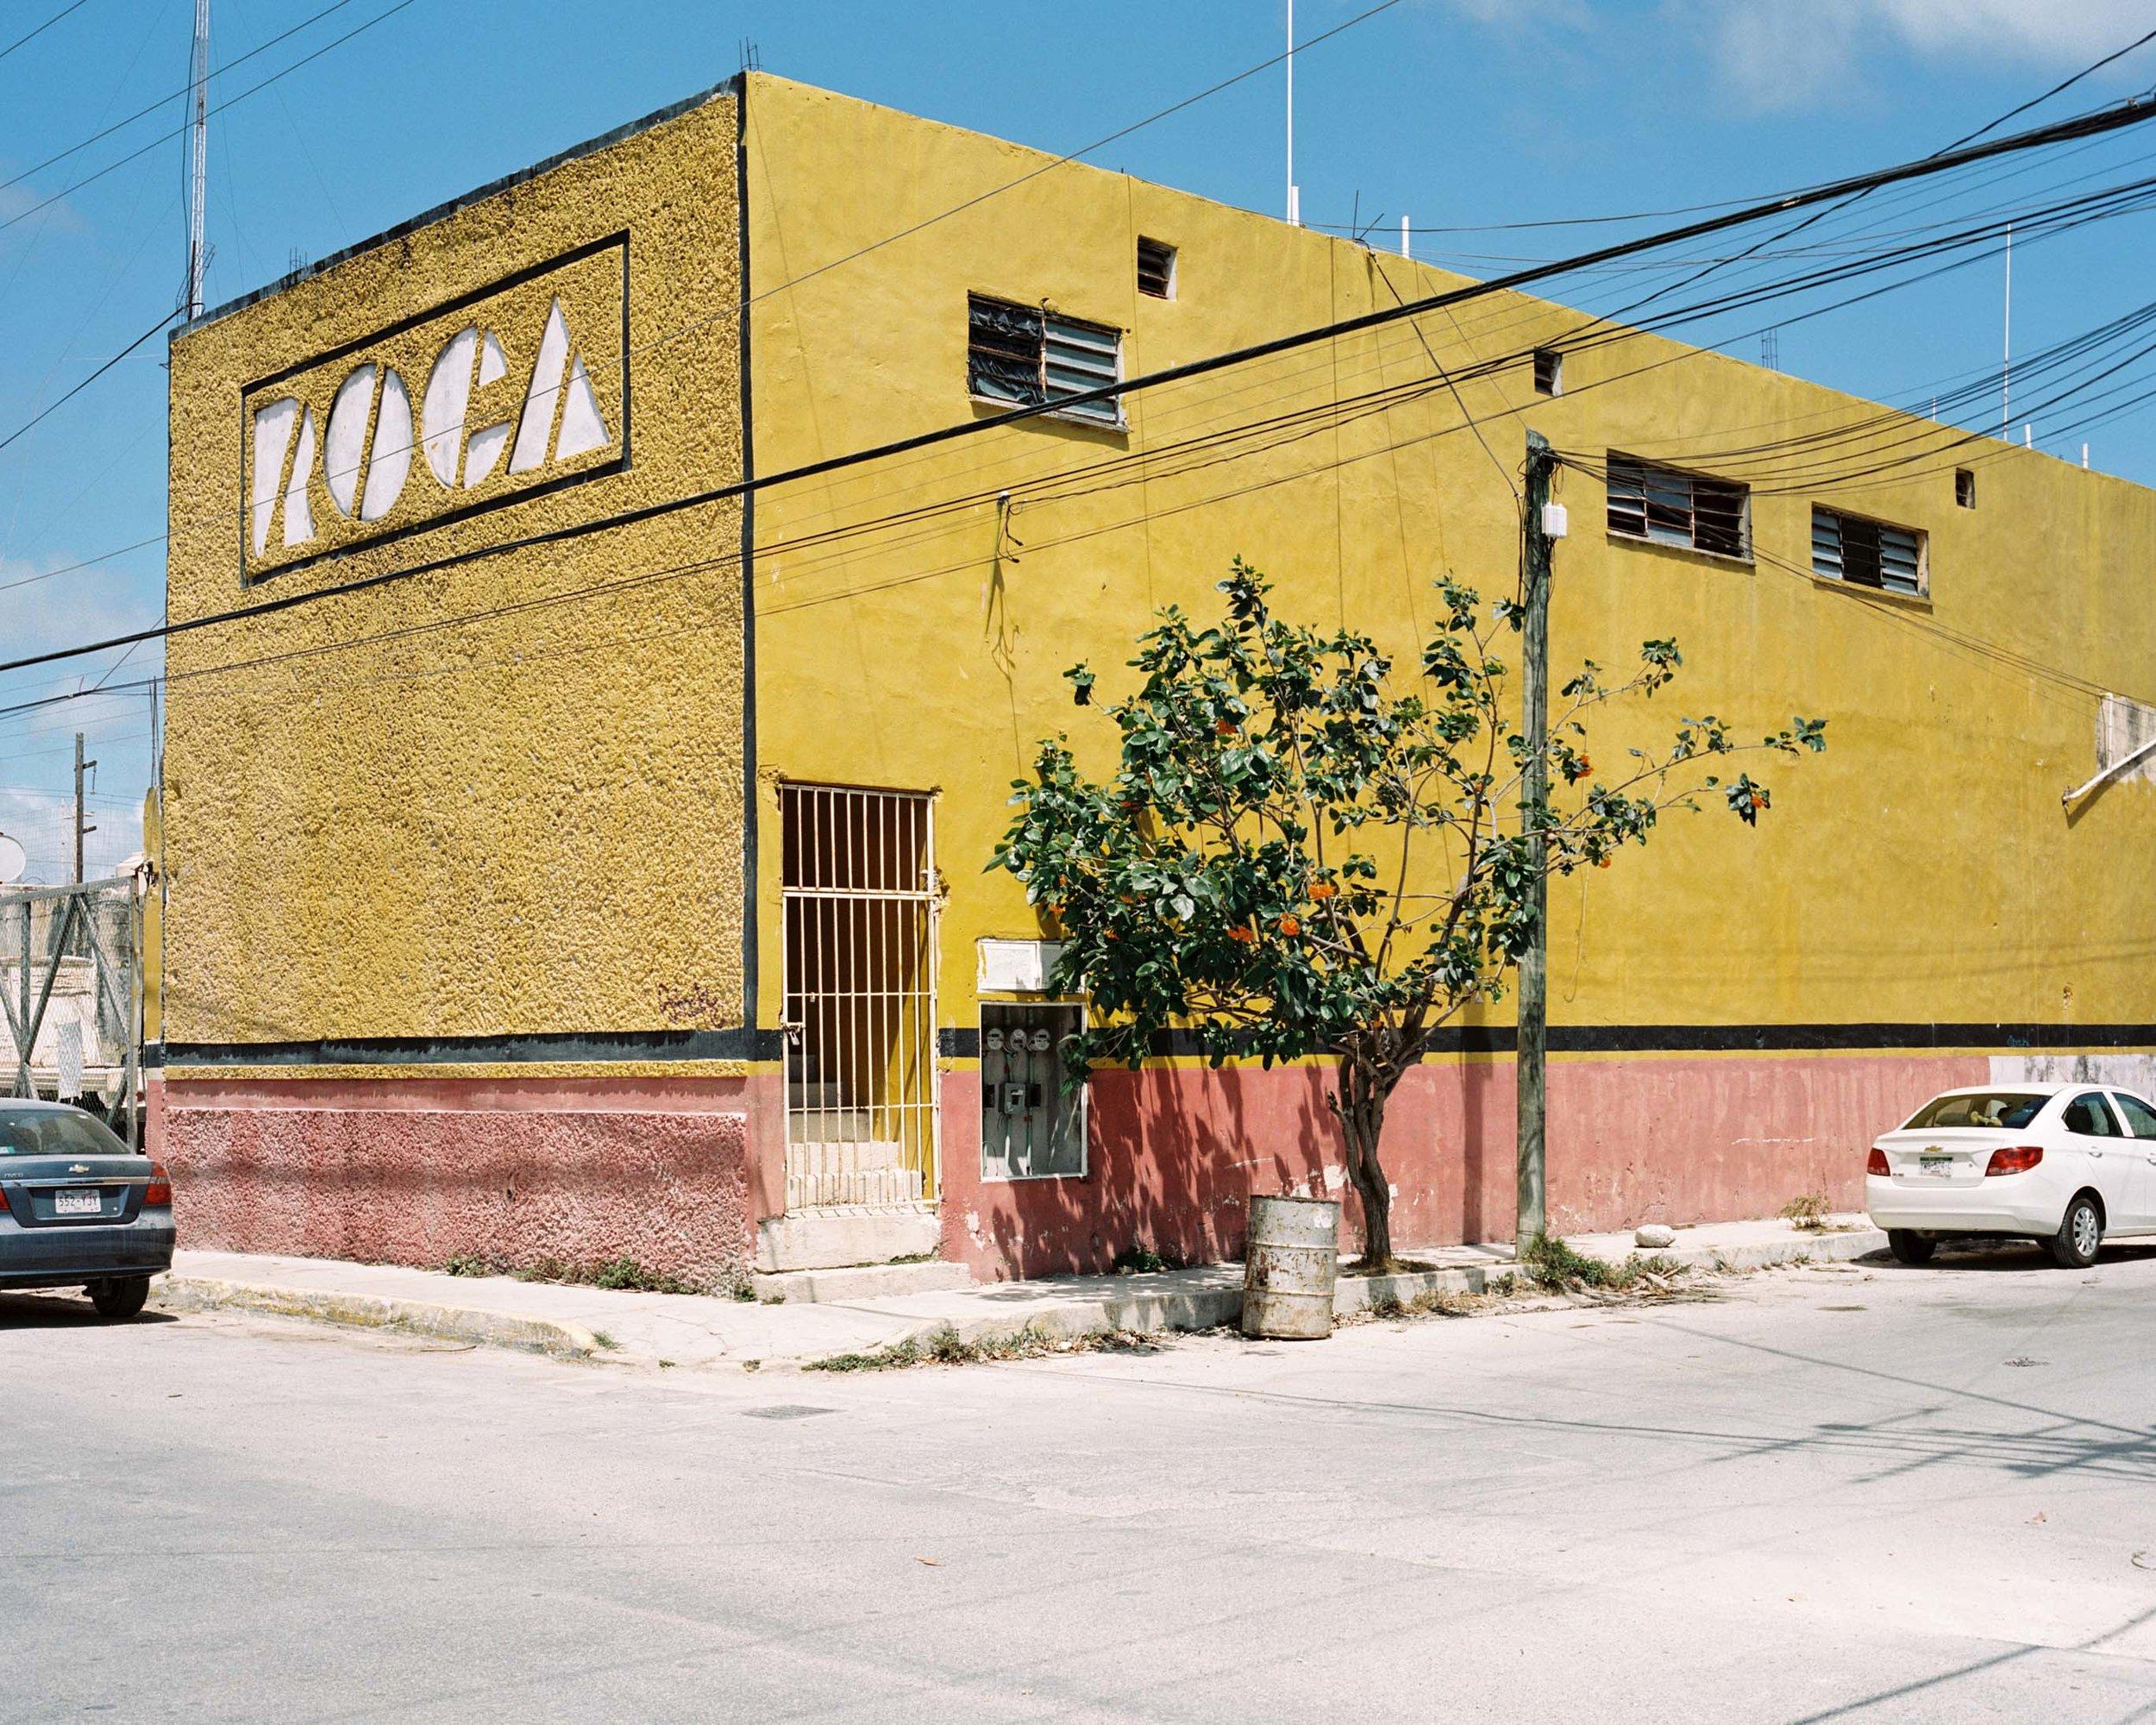 190312_MEXICO_MF_21R.jpg